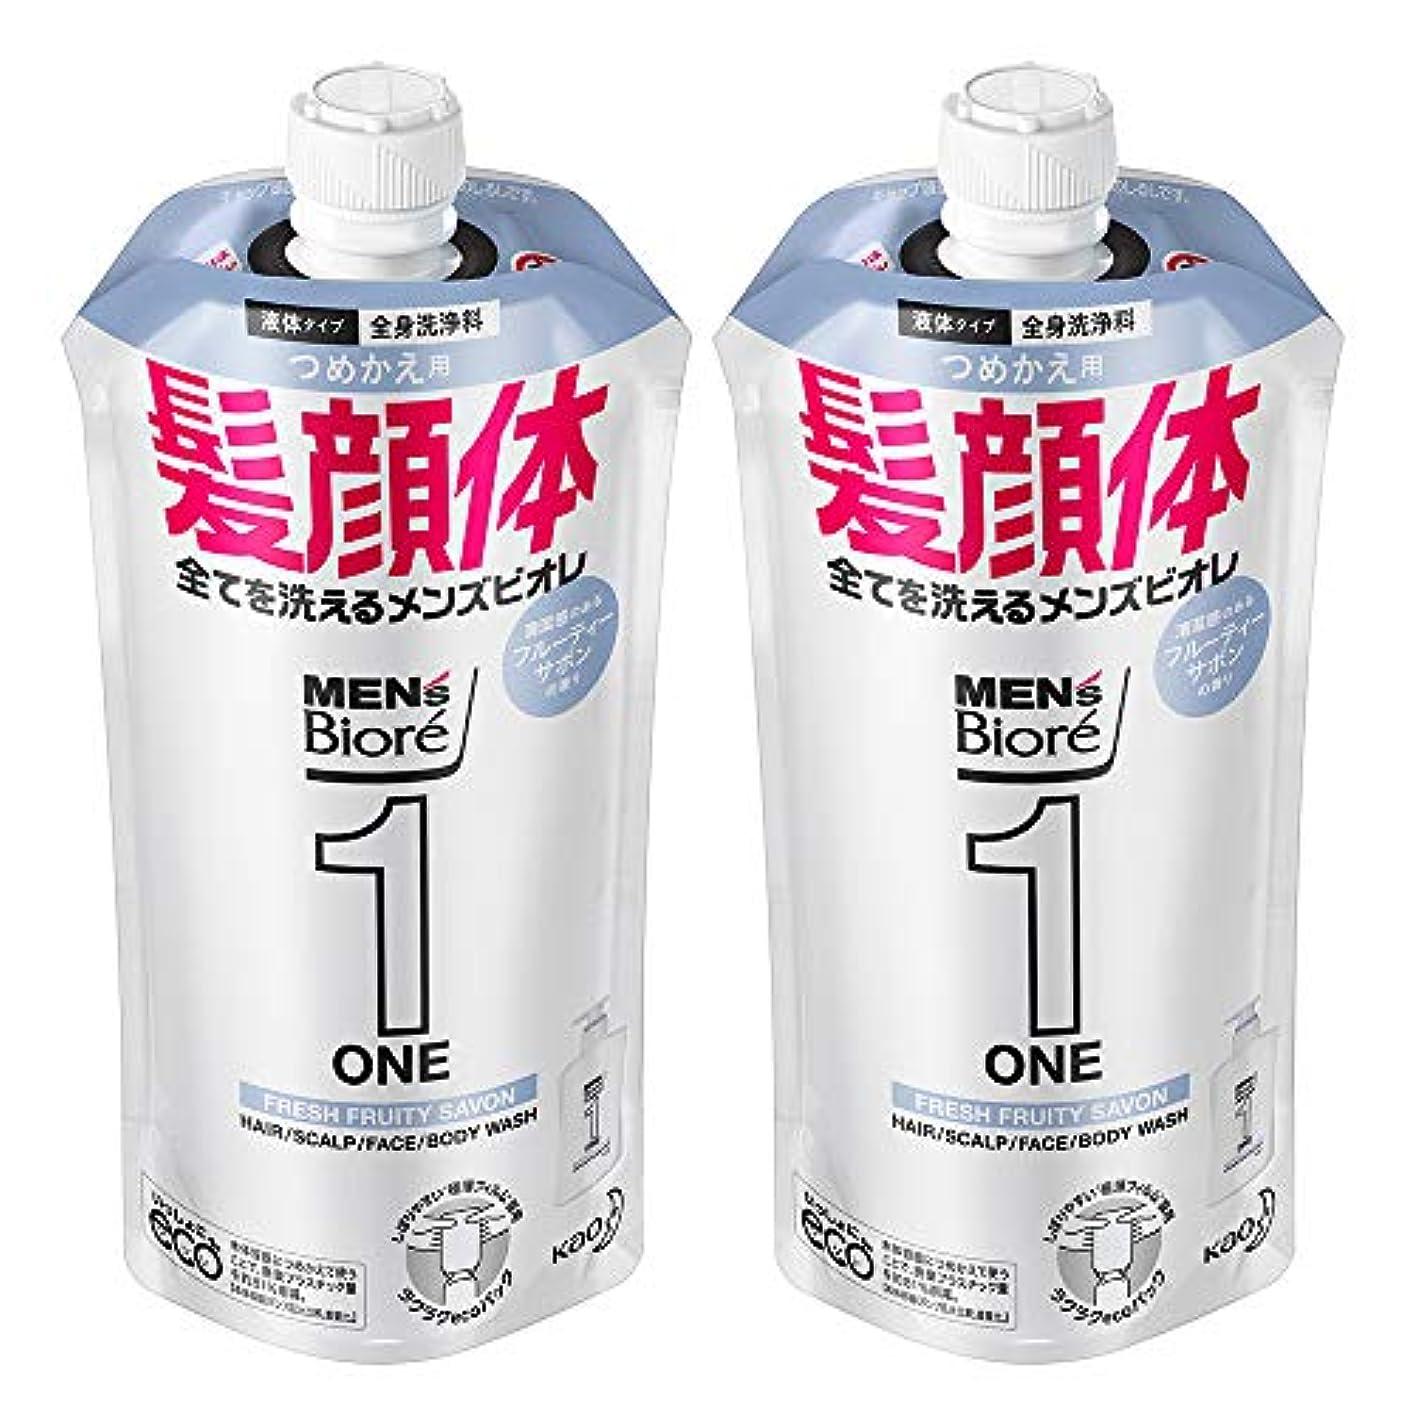 引き算じゃがいもカテゴリー【まとめ買い】メンズビオレ ONE オールインワン全身洗浄料 フルーティーサボンの香り つめかえ用 340ml×2個